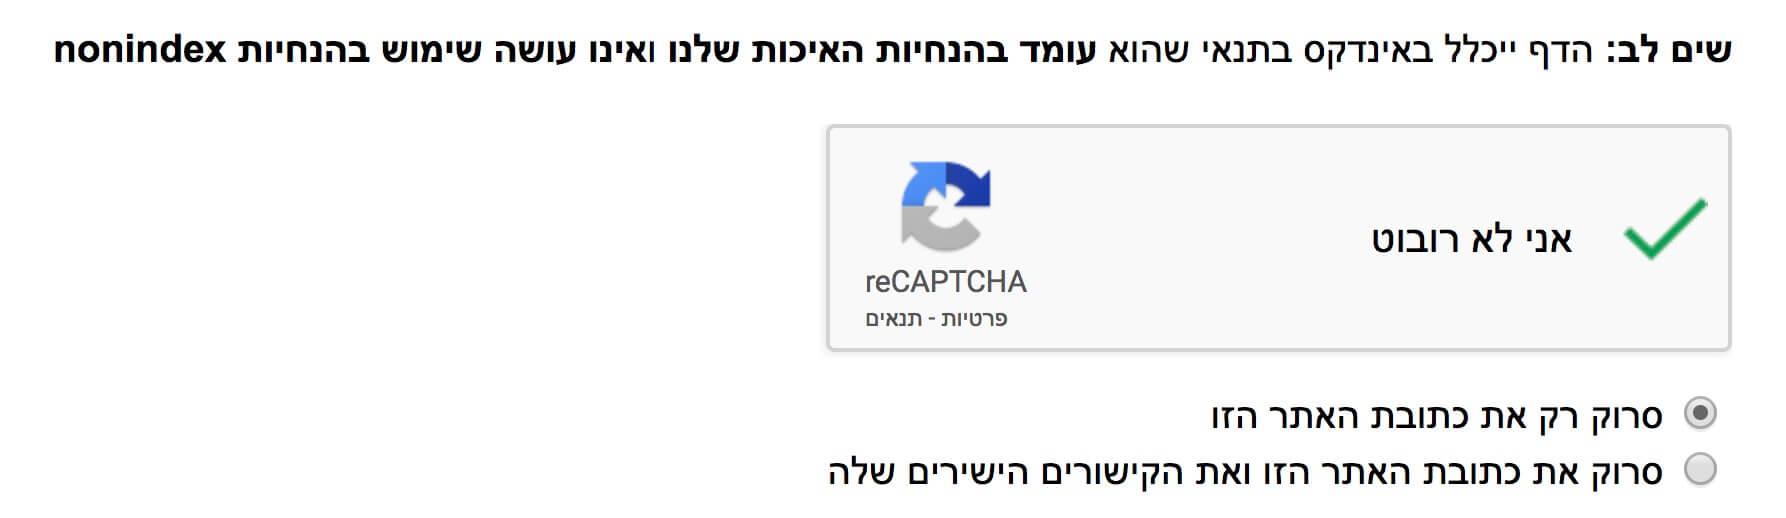 סריקת כתובת האתר והקישורים הישירים - קונסולת החיפוש של גוגל